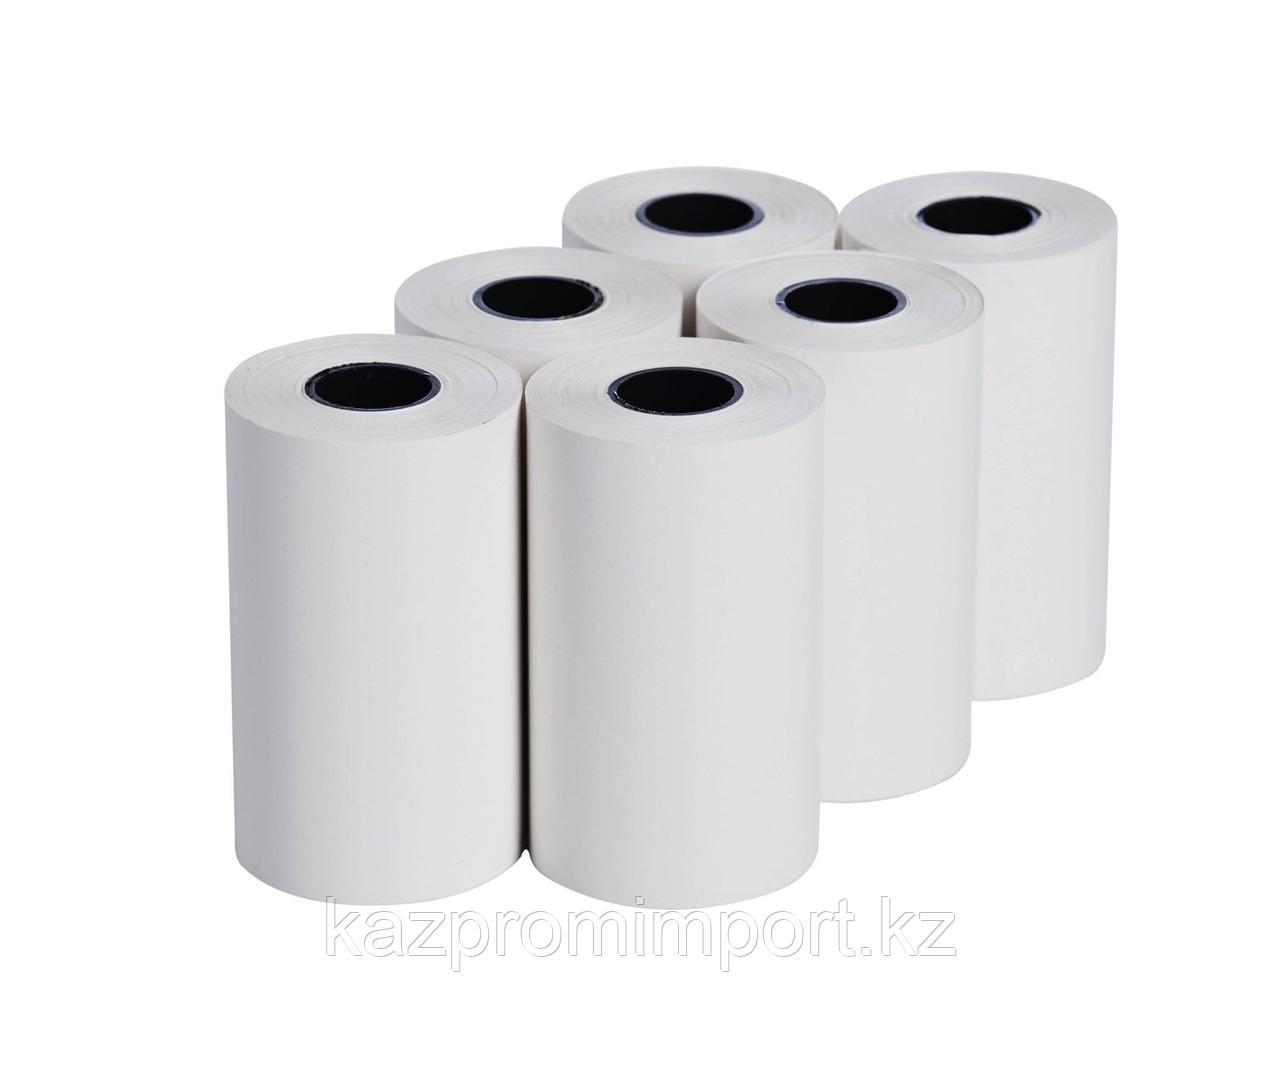 Запасная термобумага для принтера (6 рулонов)